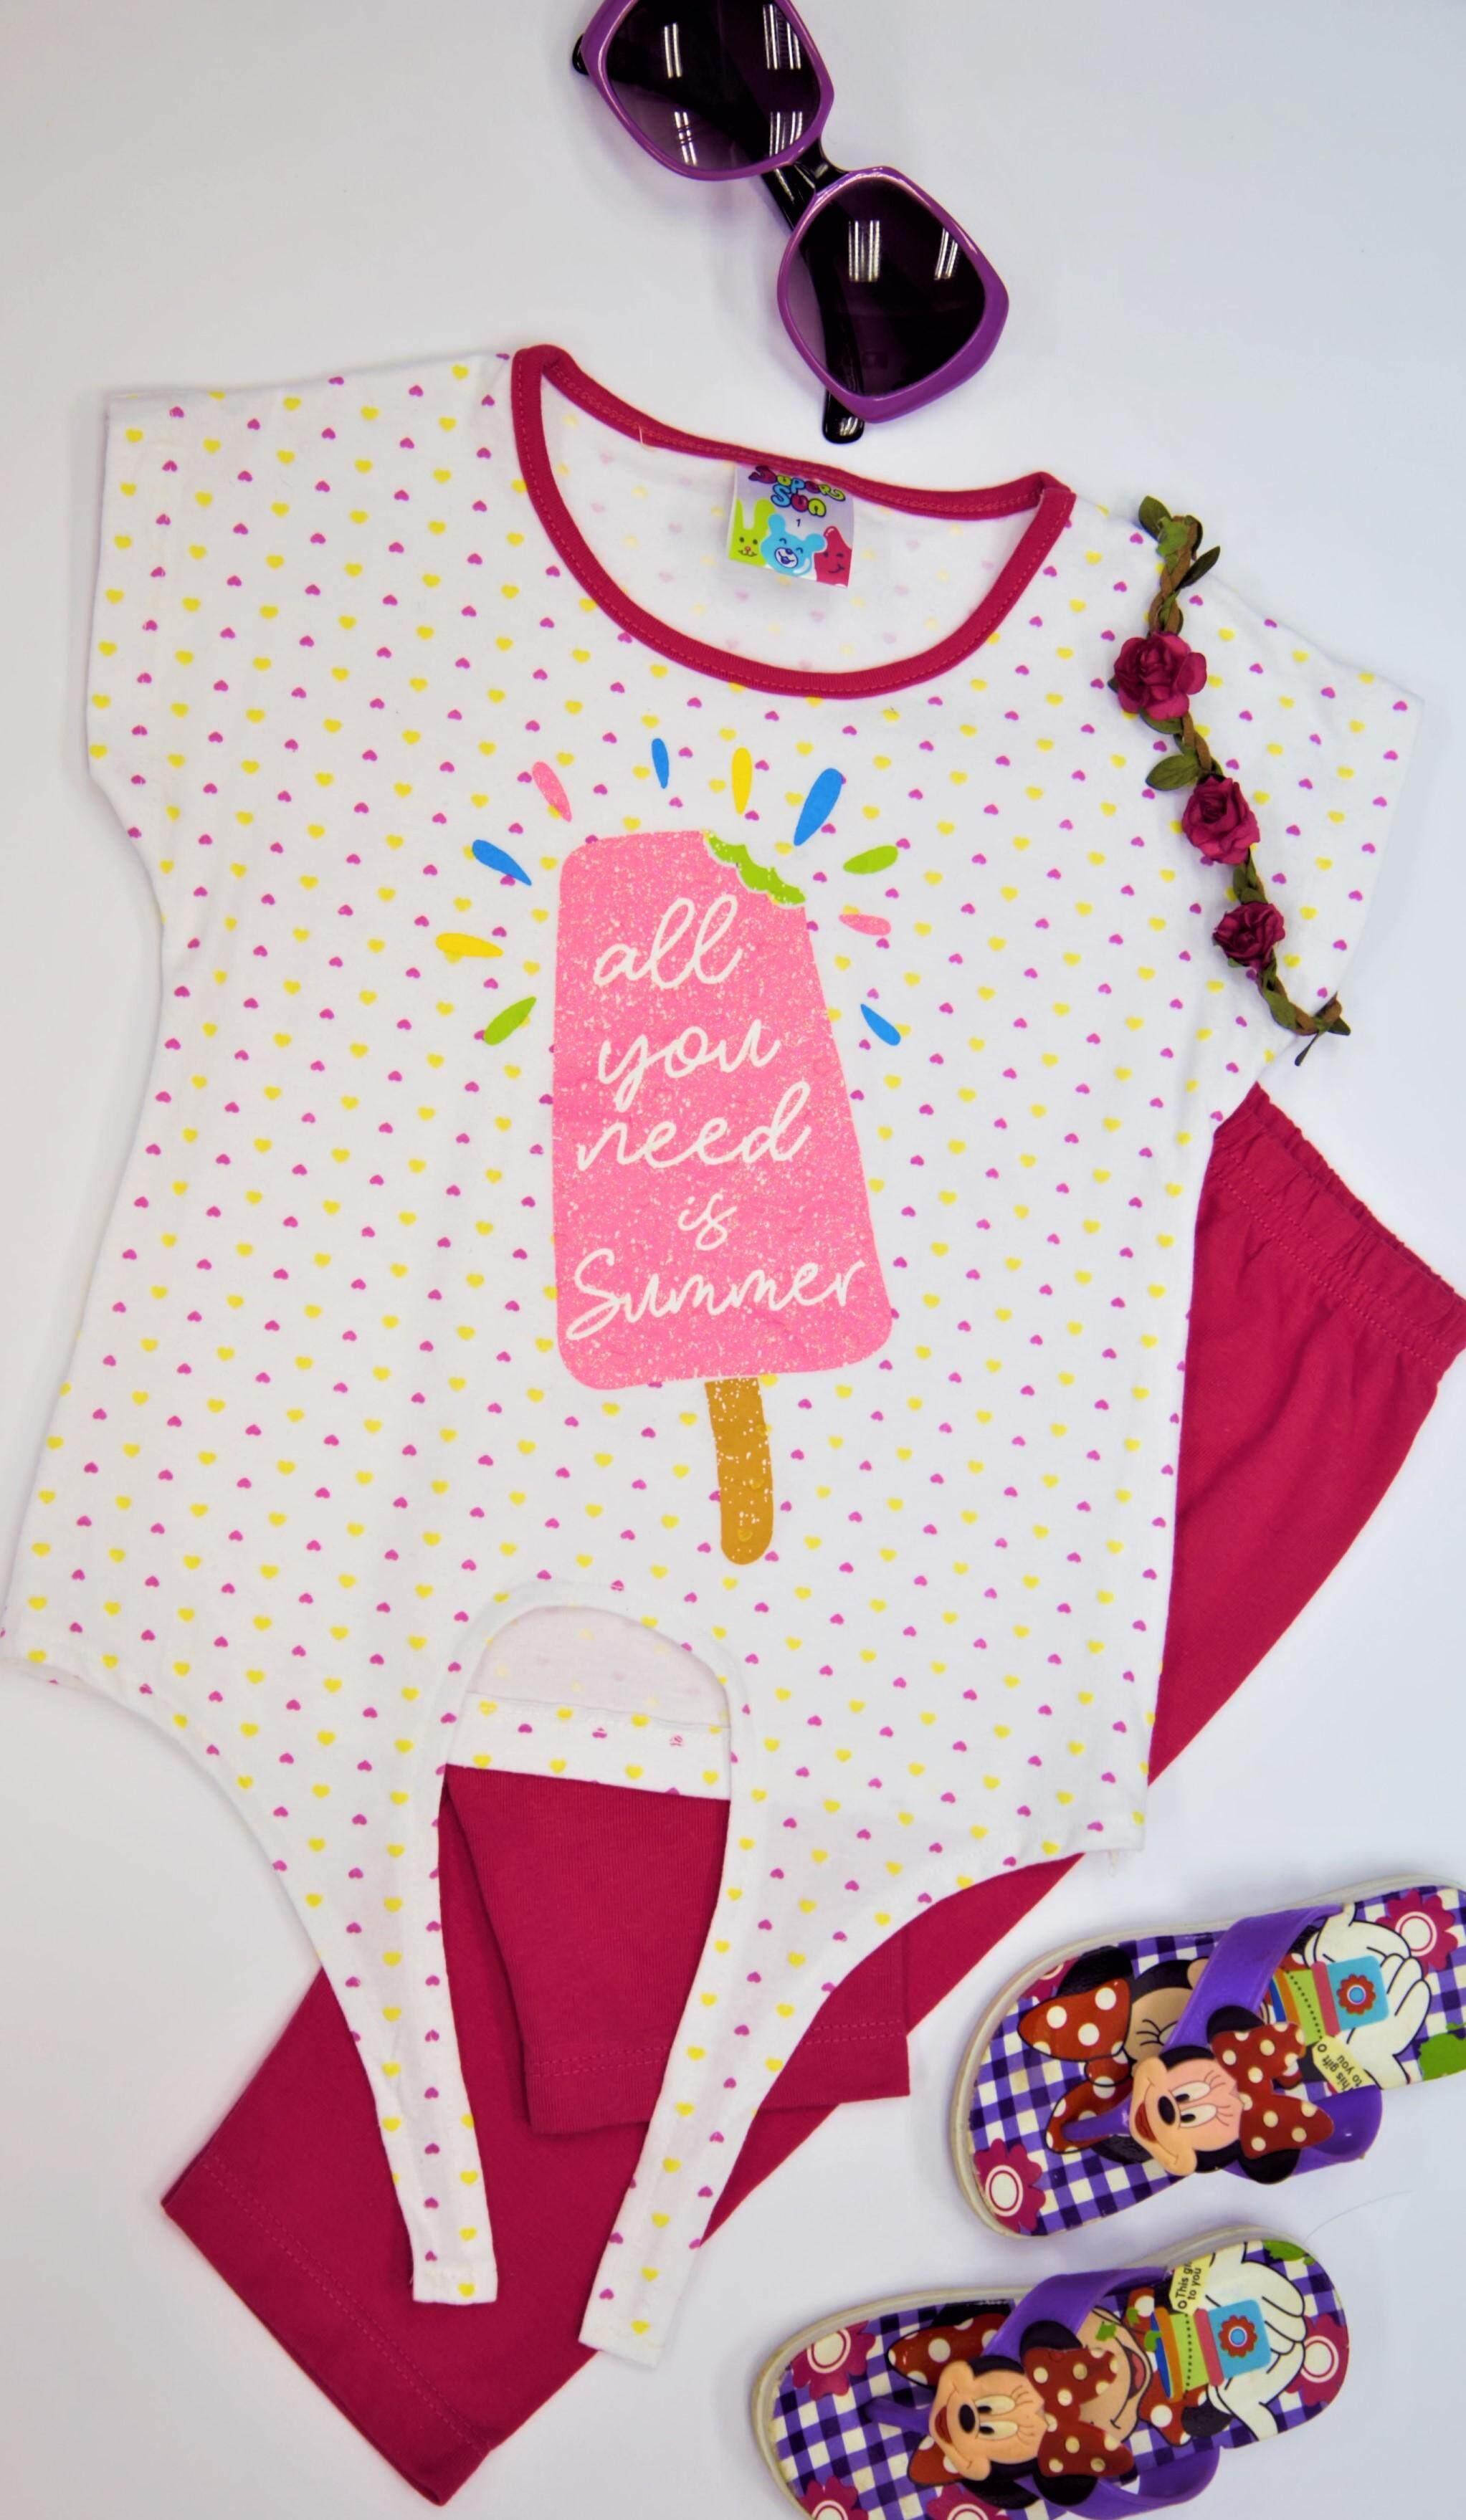 Super Sun Toddler Girl Short Sleeve Set(Top + Bottom) GS-01B White